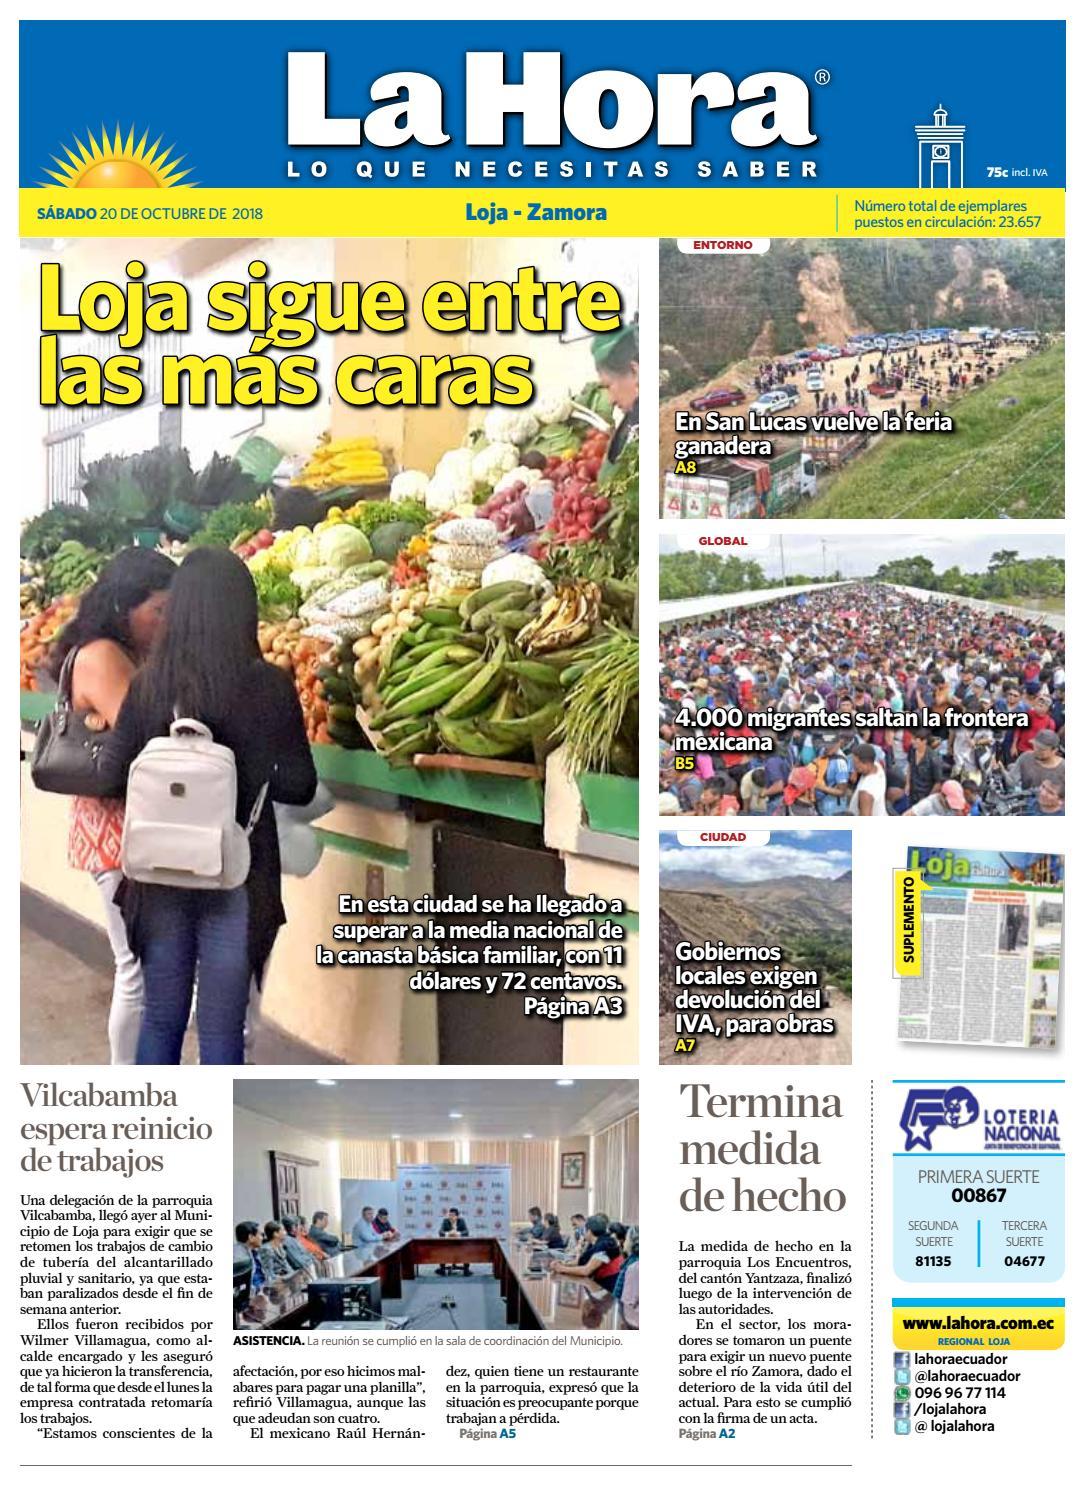 5a764dc8b Diario La Hora Loja 20 de Octubre 2018 by Diario La Hora Ecuador - issuu